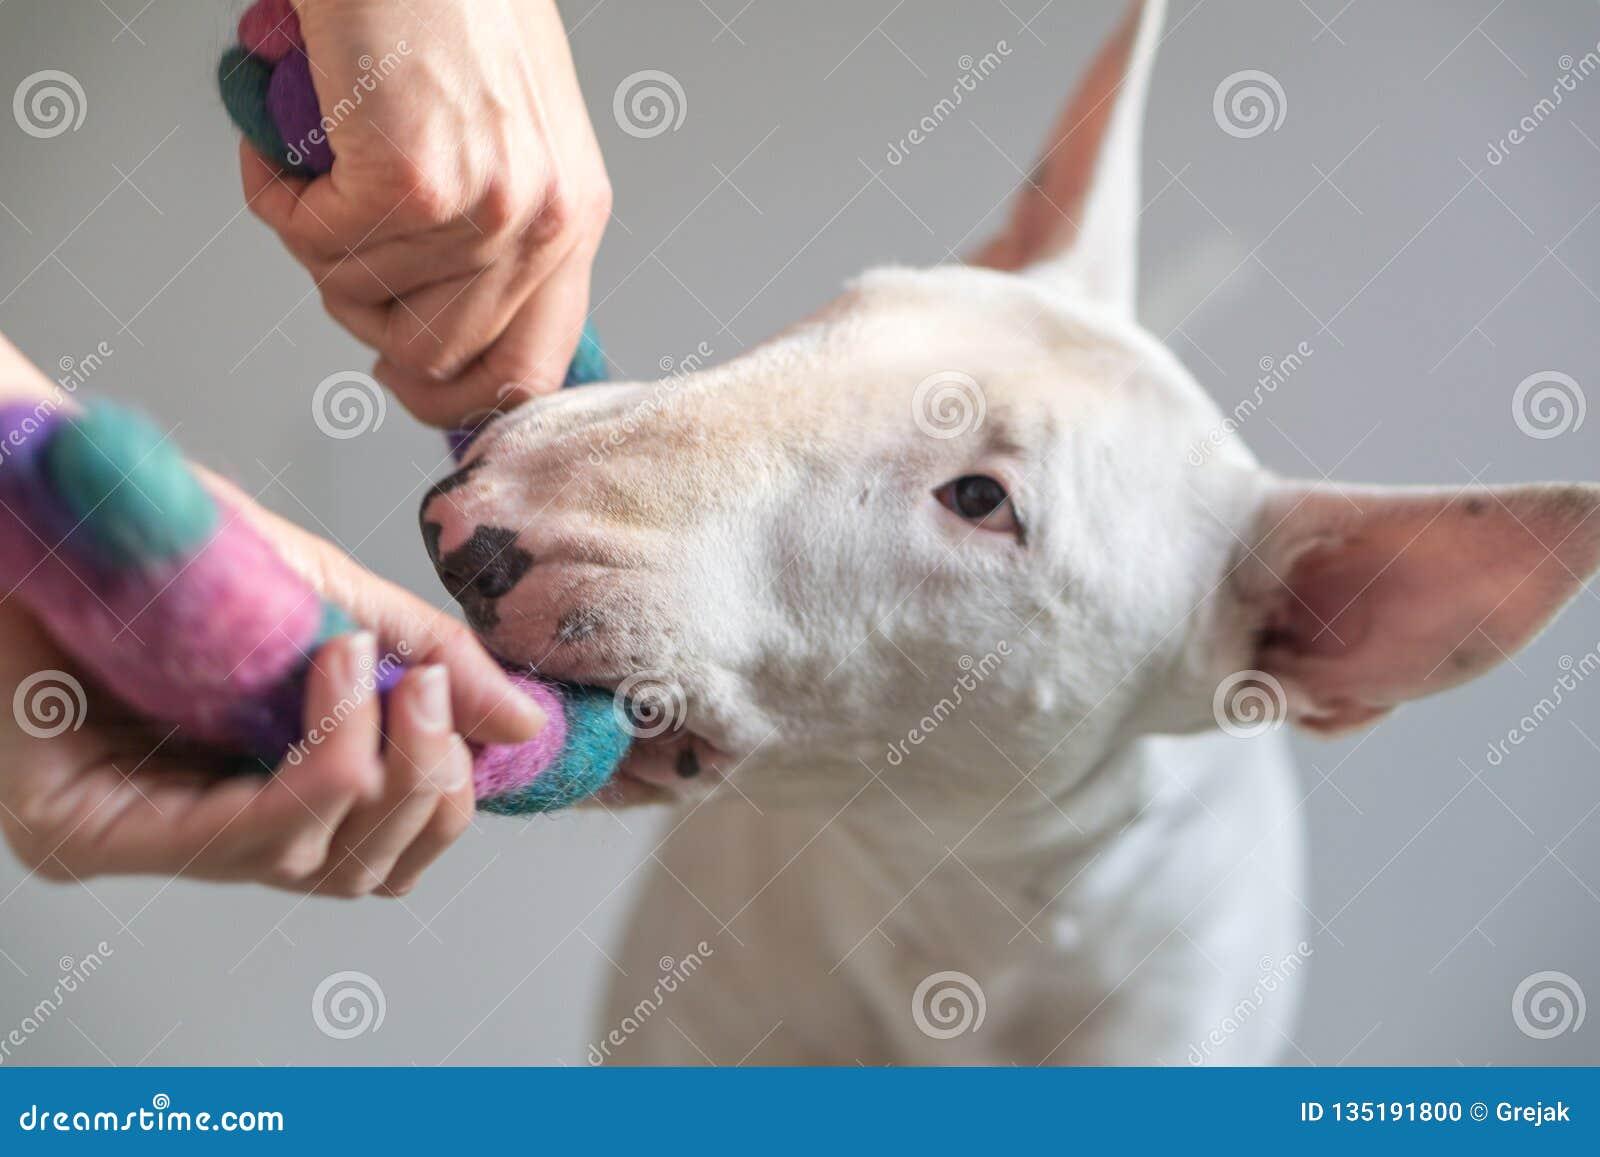 Foto del perro de bull terrier y el jugar femenino así como un juguete del perro - con el fondo blanco en la parte posterior